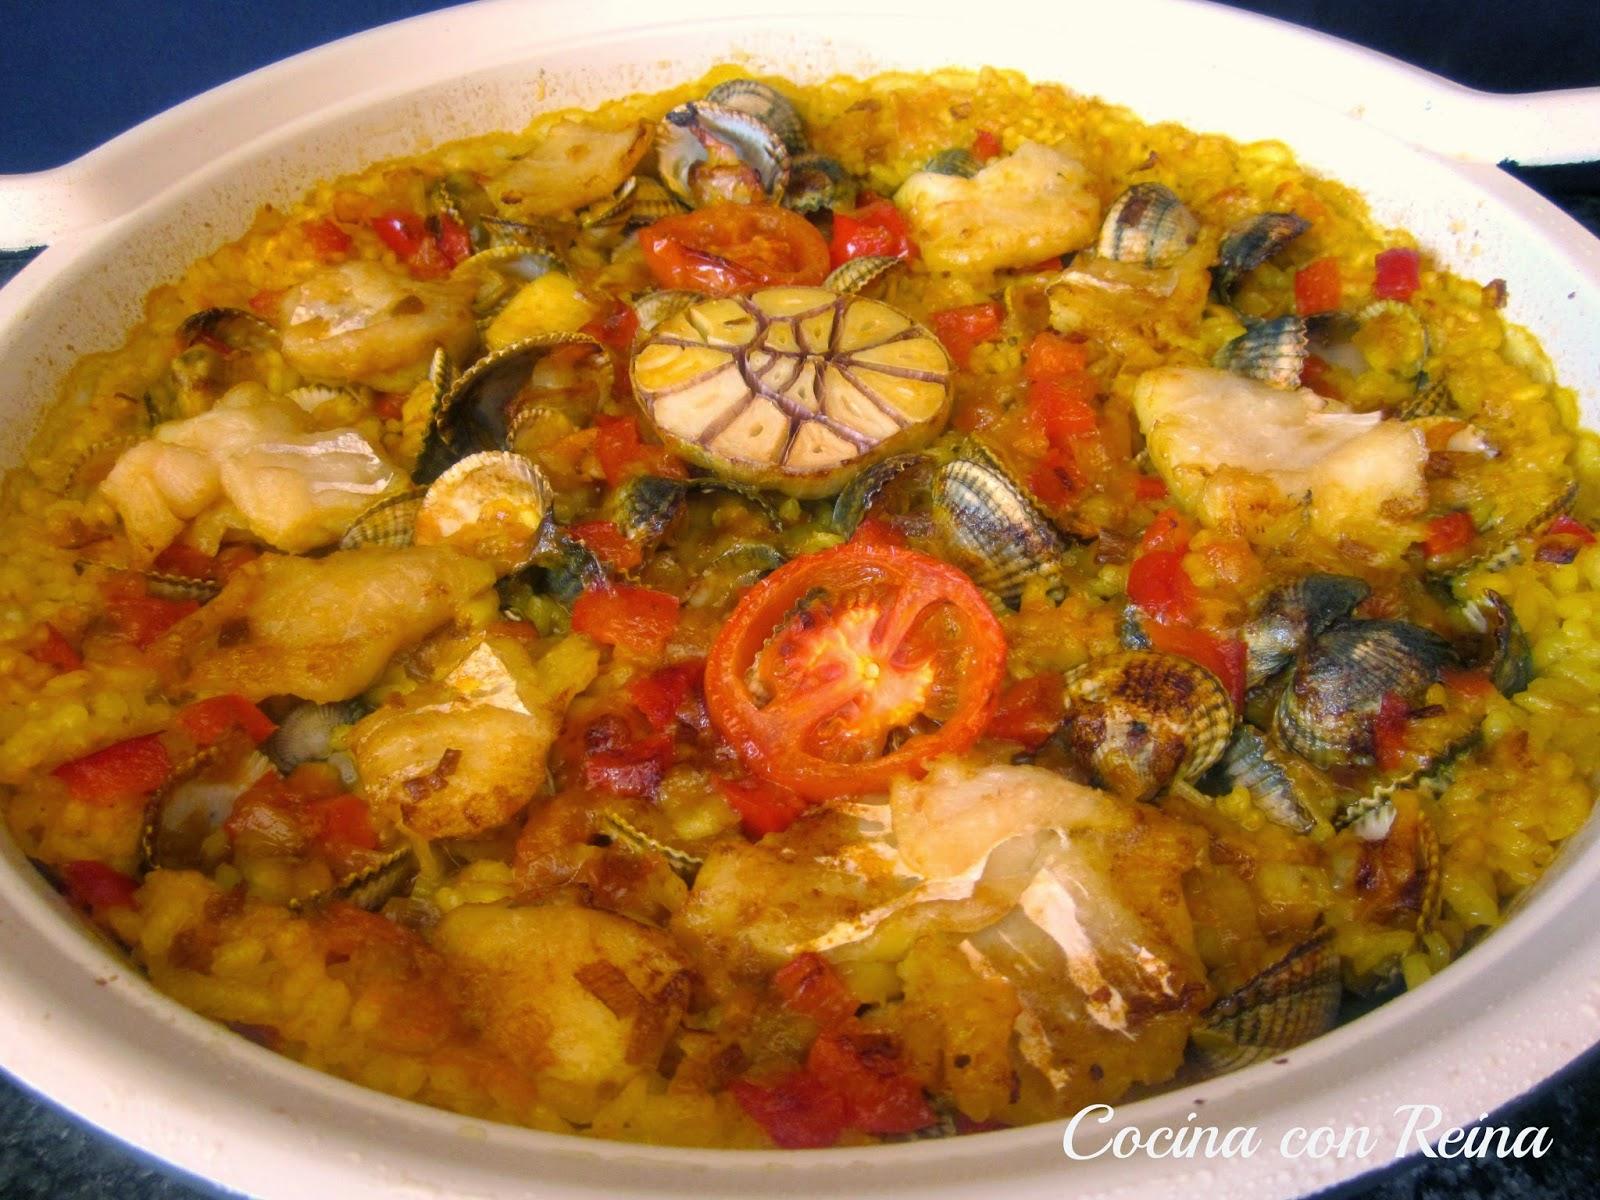 Cocina con reina arroz al horno con migas de bacalao y berberechos - Cocinar bacalao desalado ...